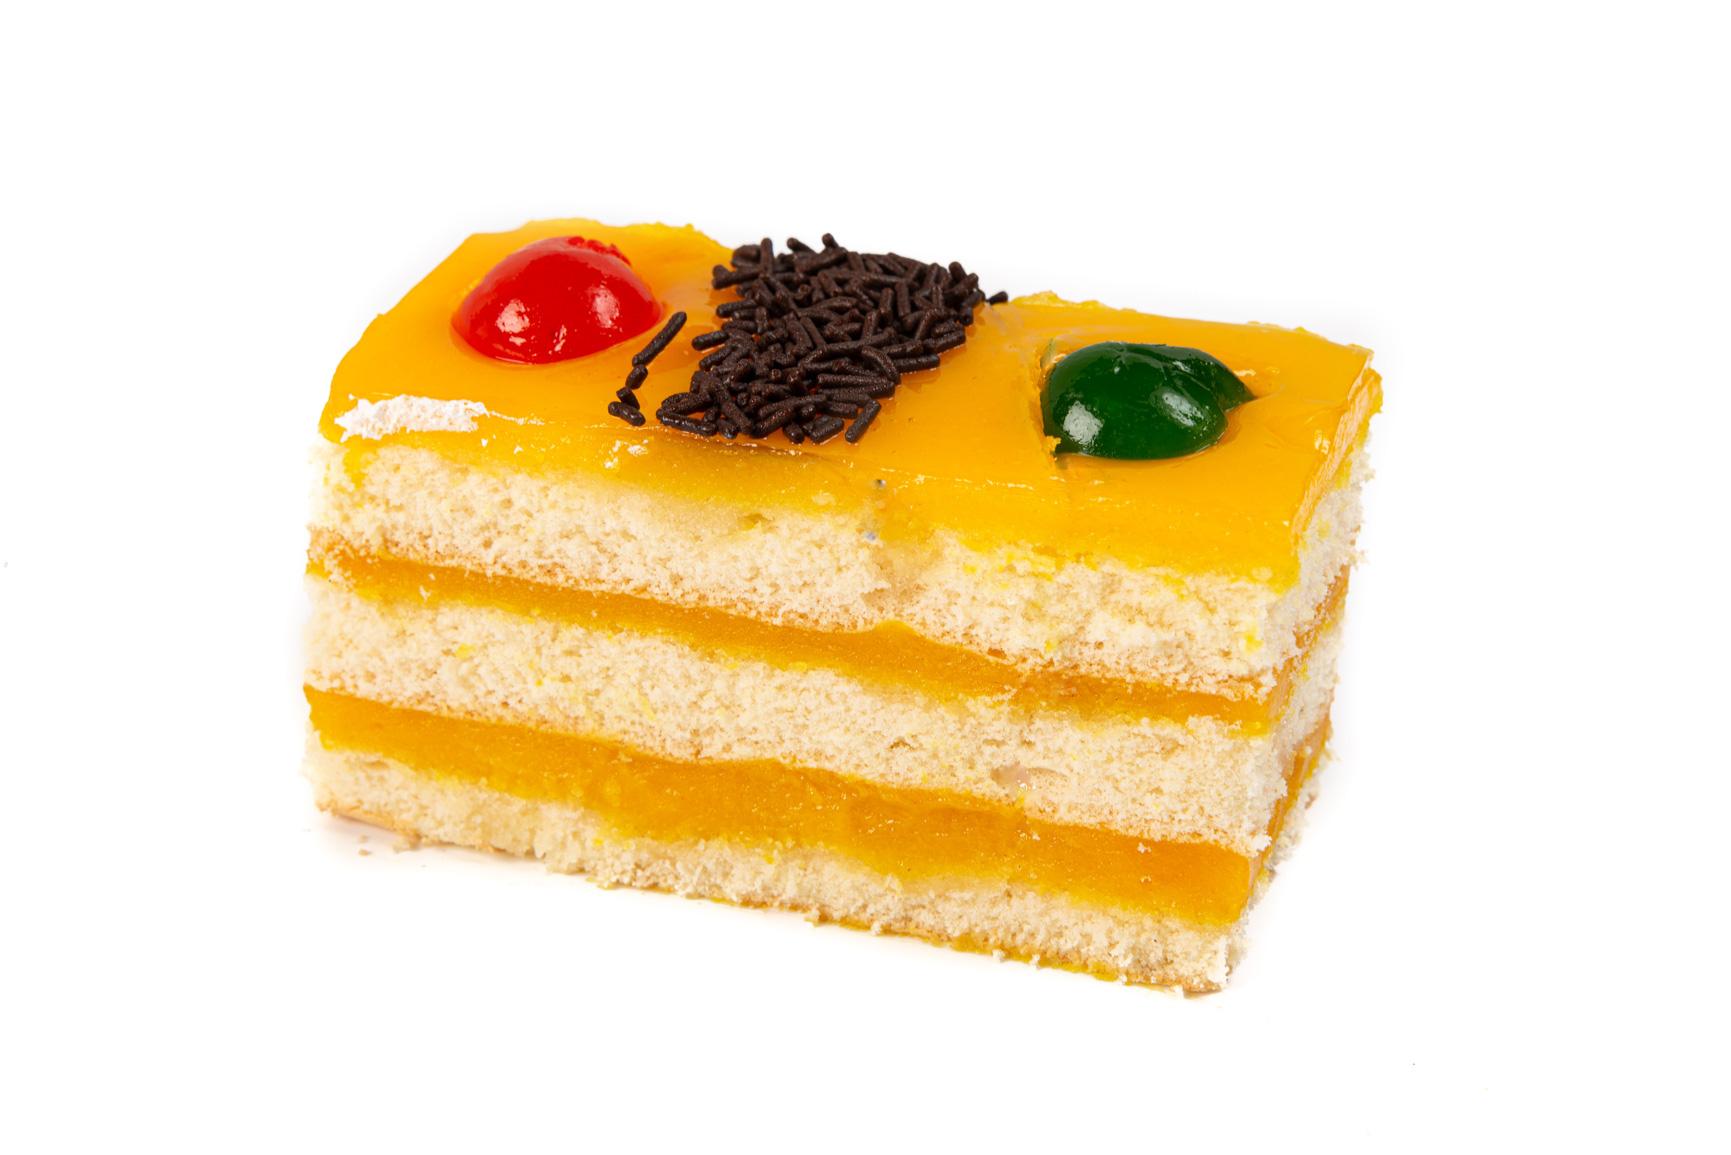 Cortado de Crema - Bizcocho y crema pastelera